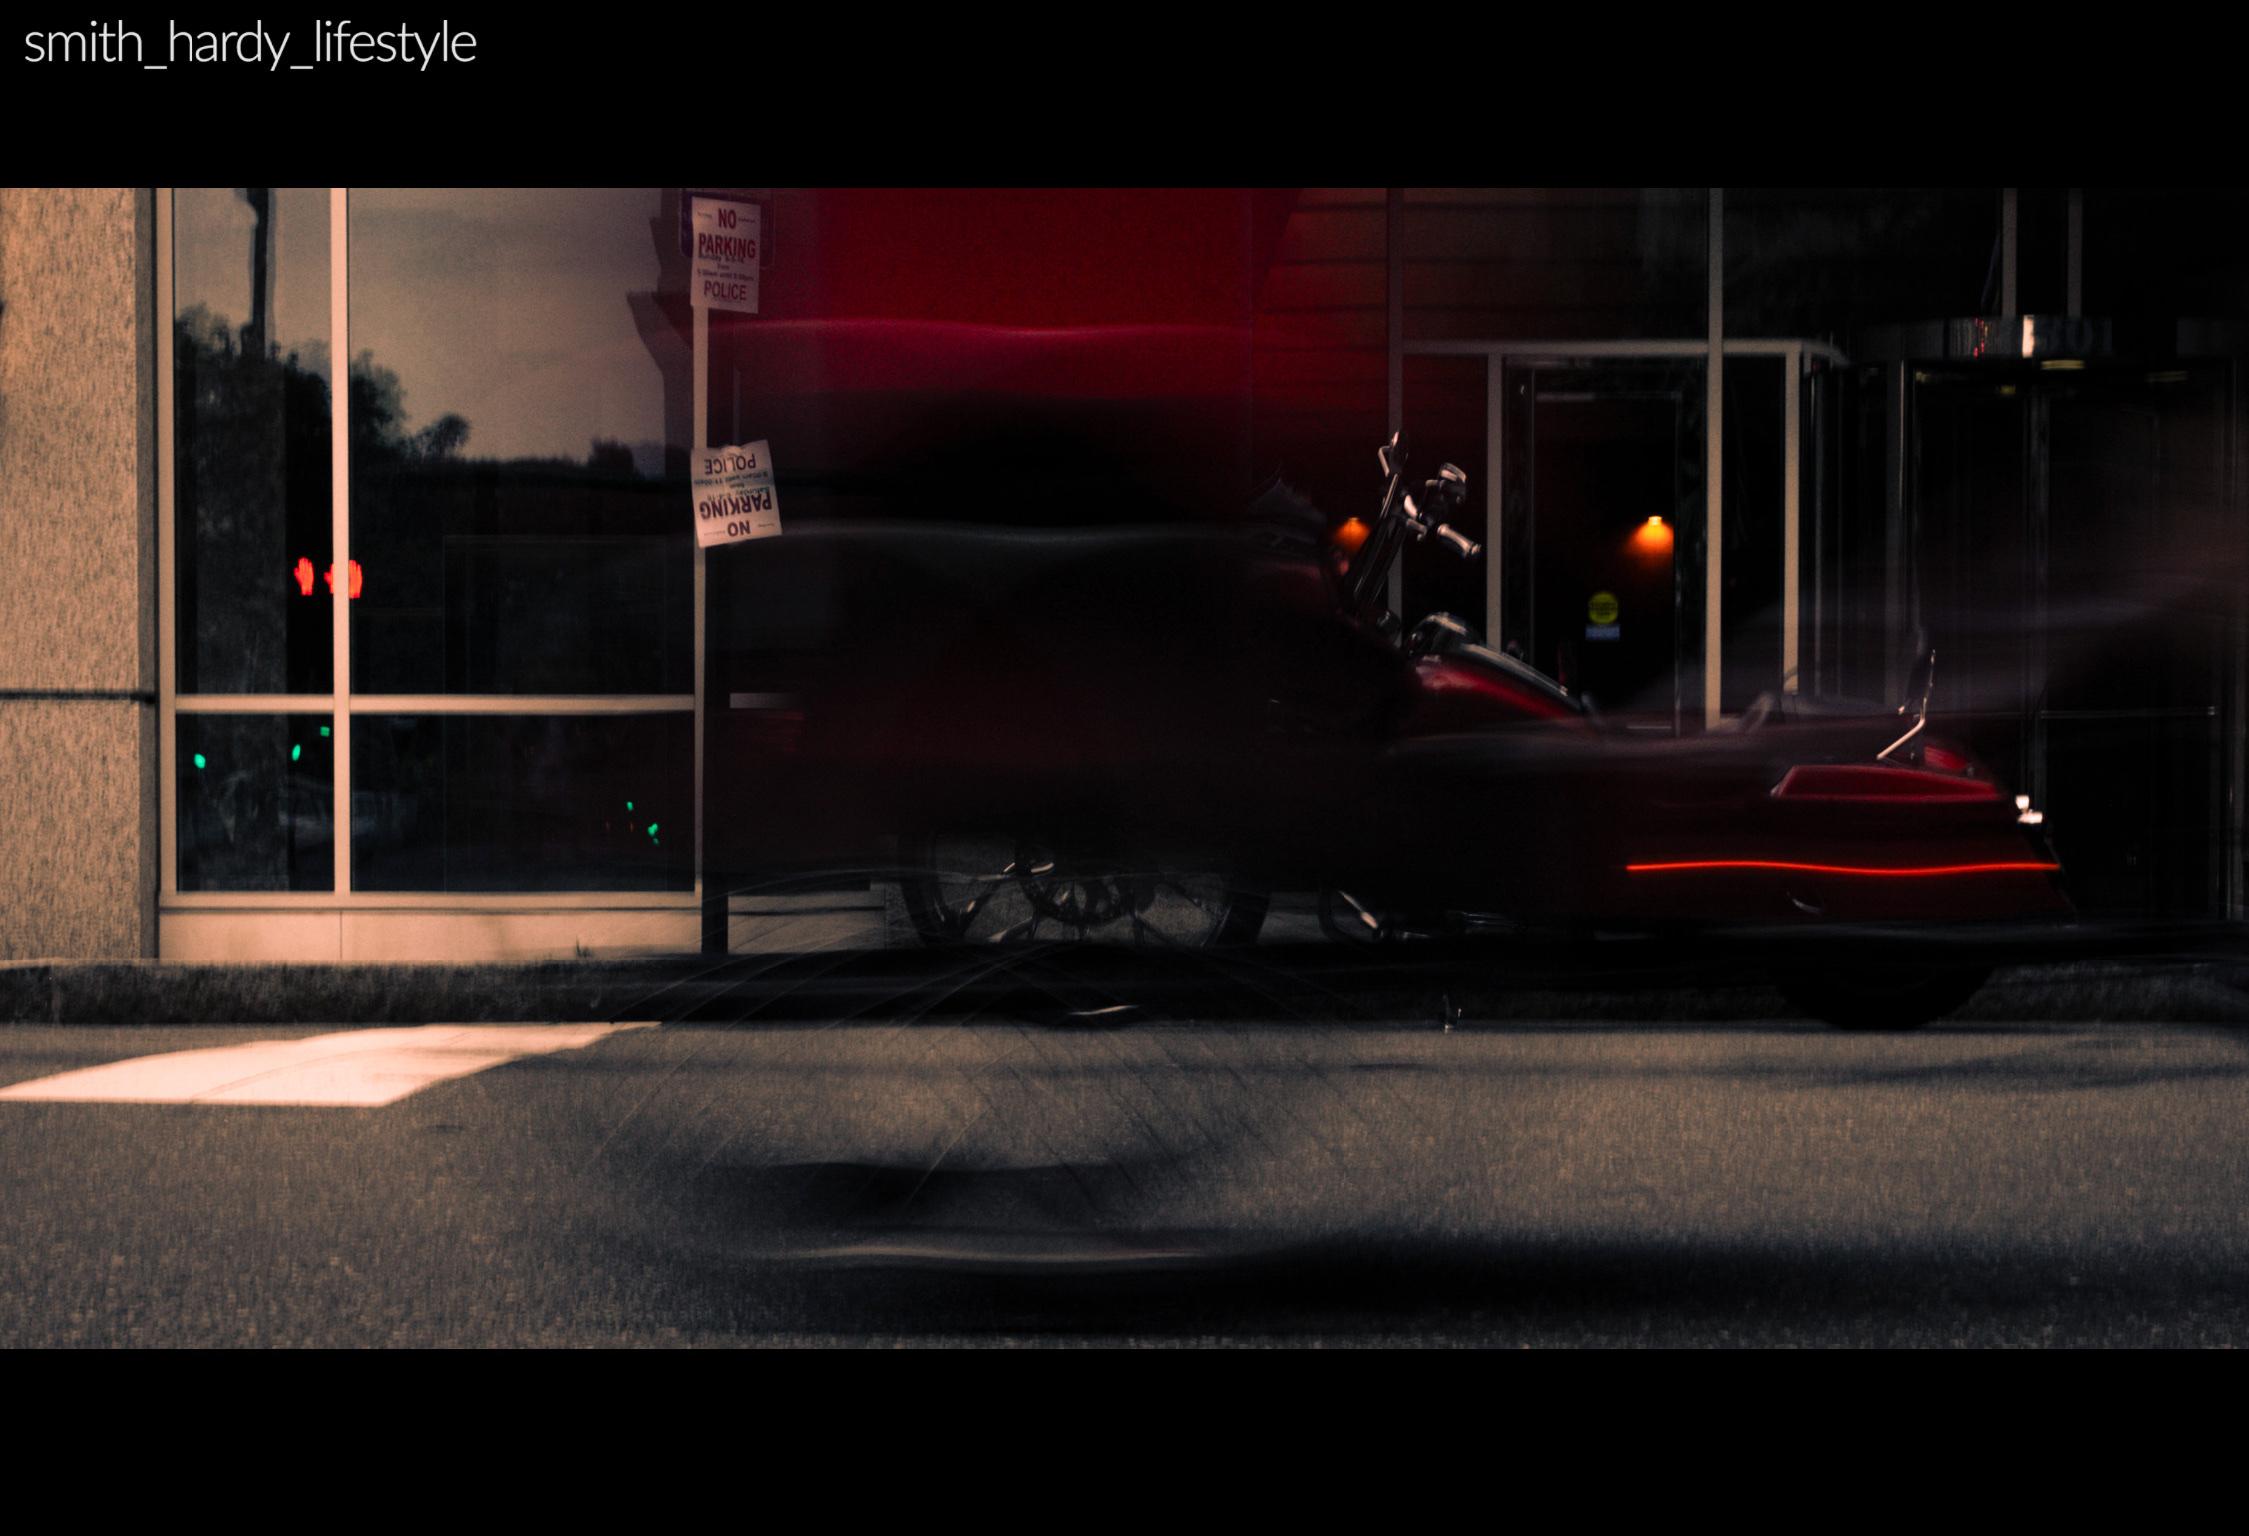 MotorcyleWeekLandscape.jpg